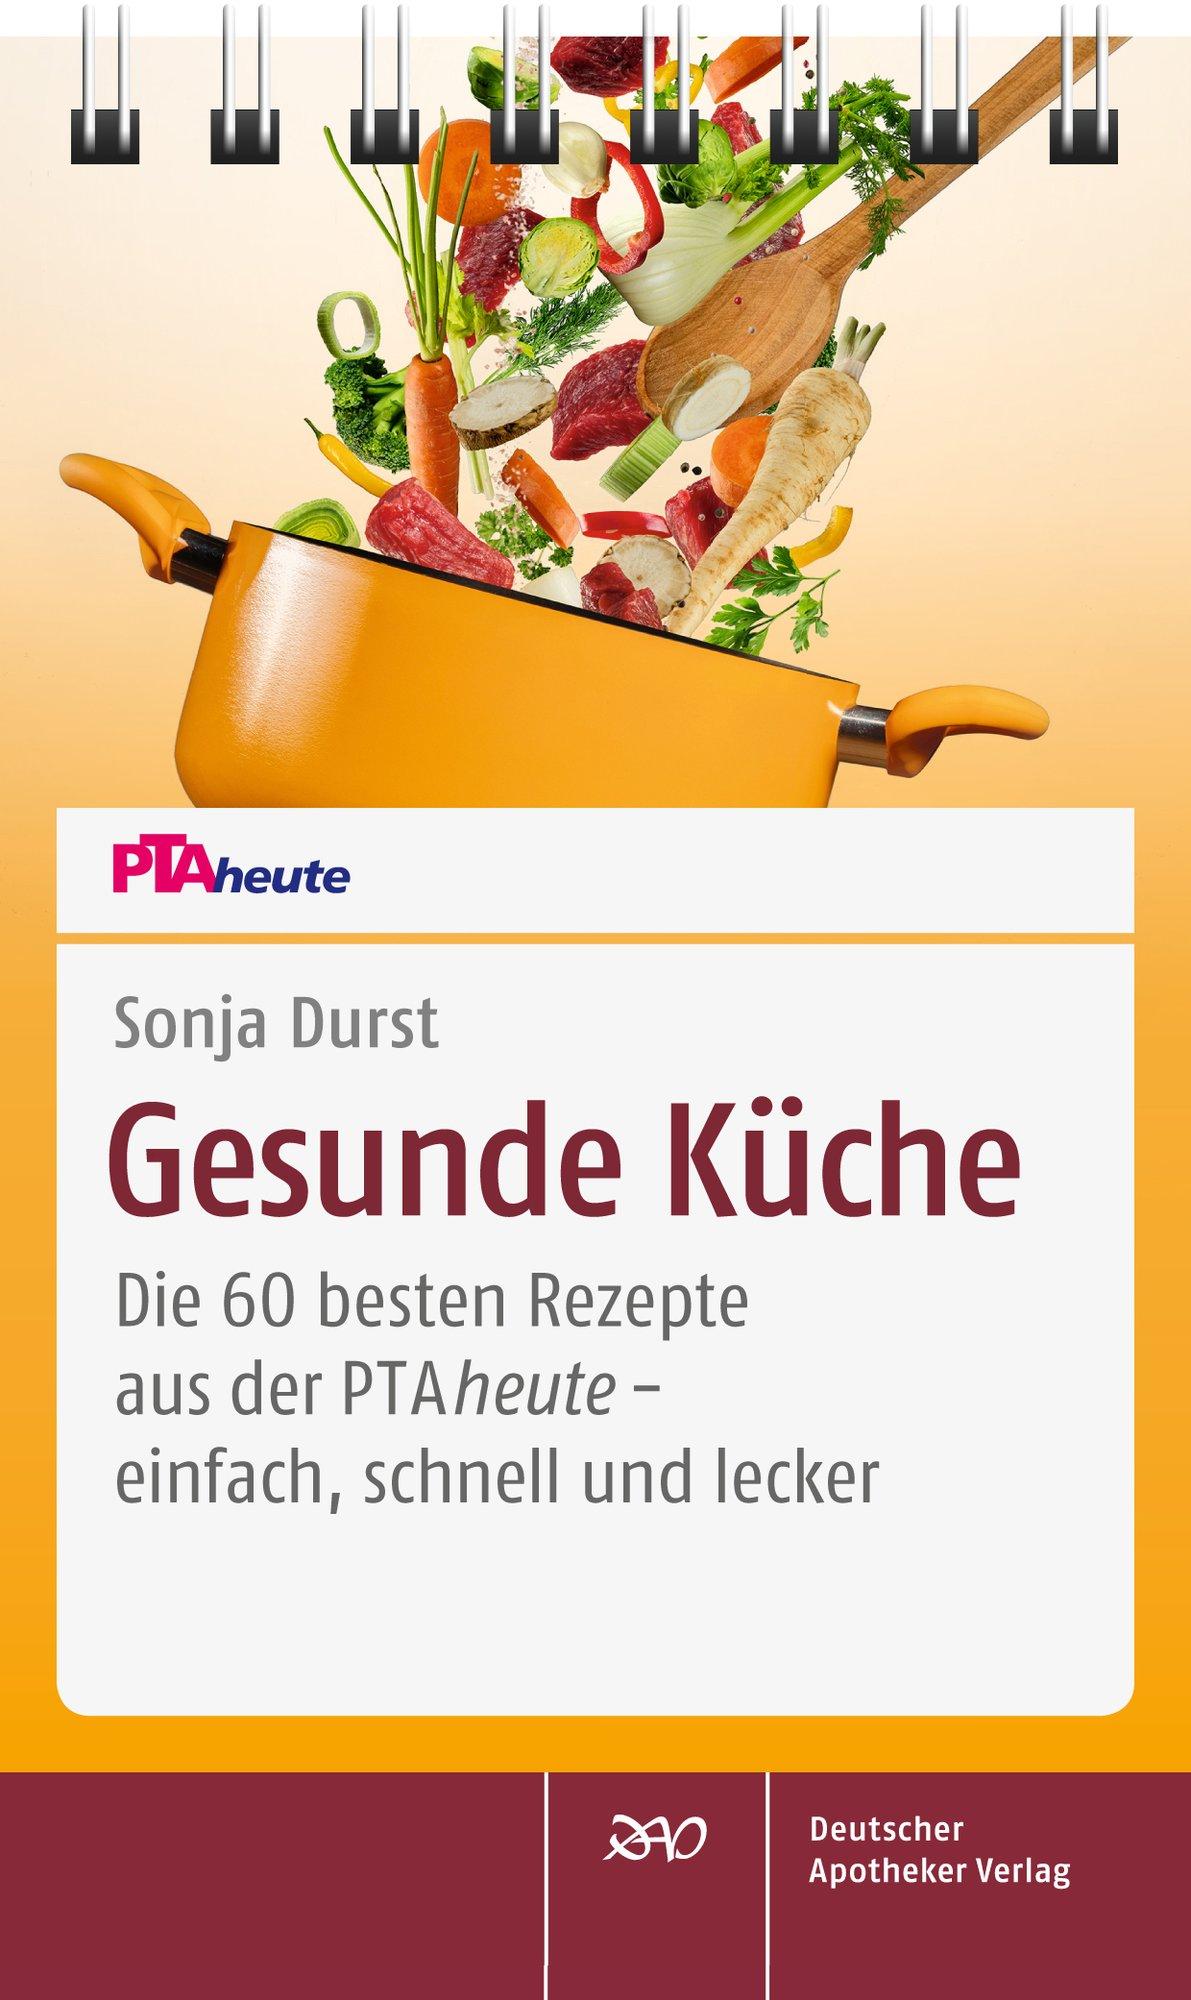 Gesunde Küche - Shop - Mediengruppe Deutscher Apotheker Verlag